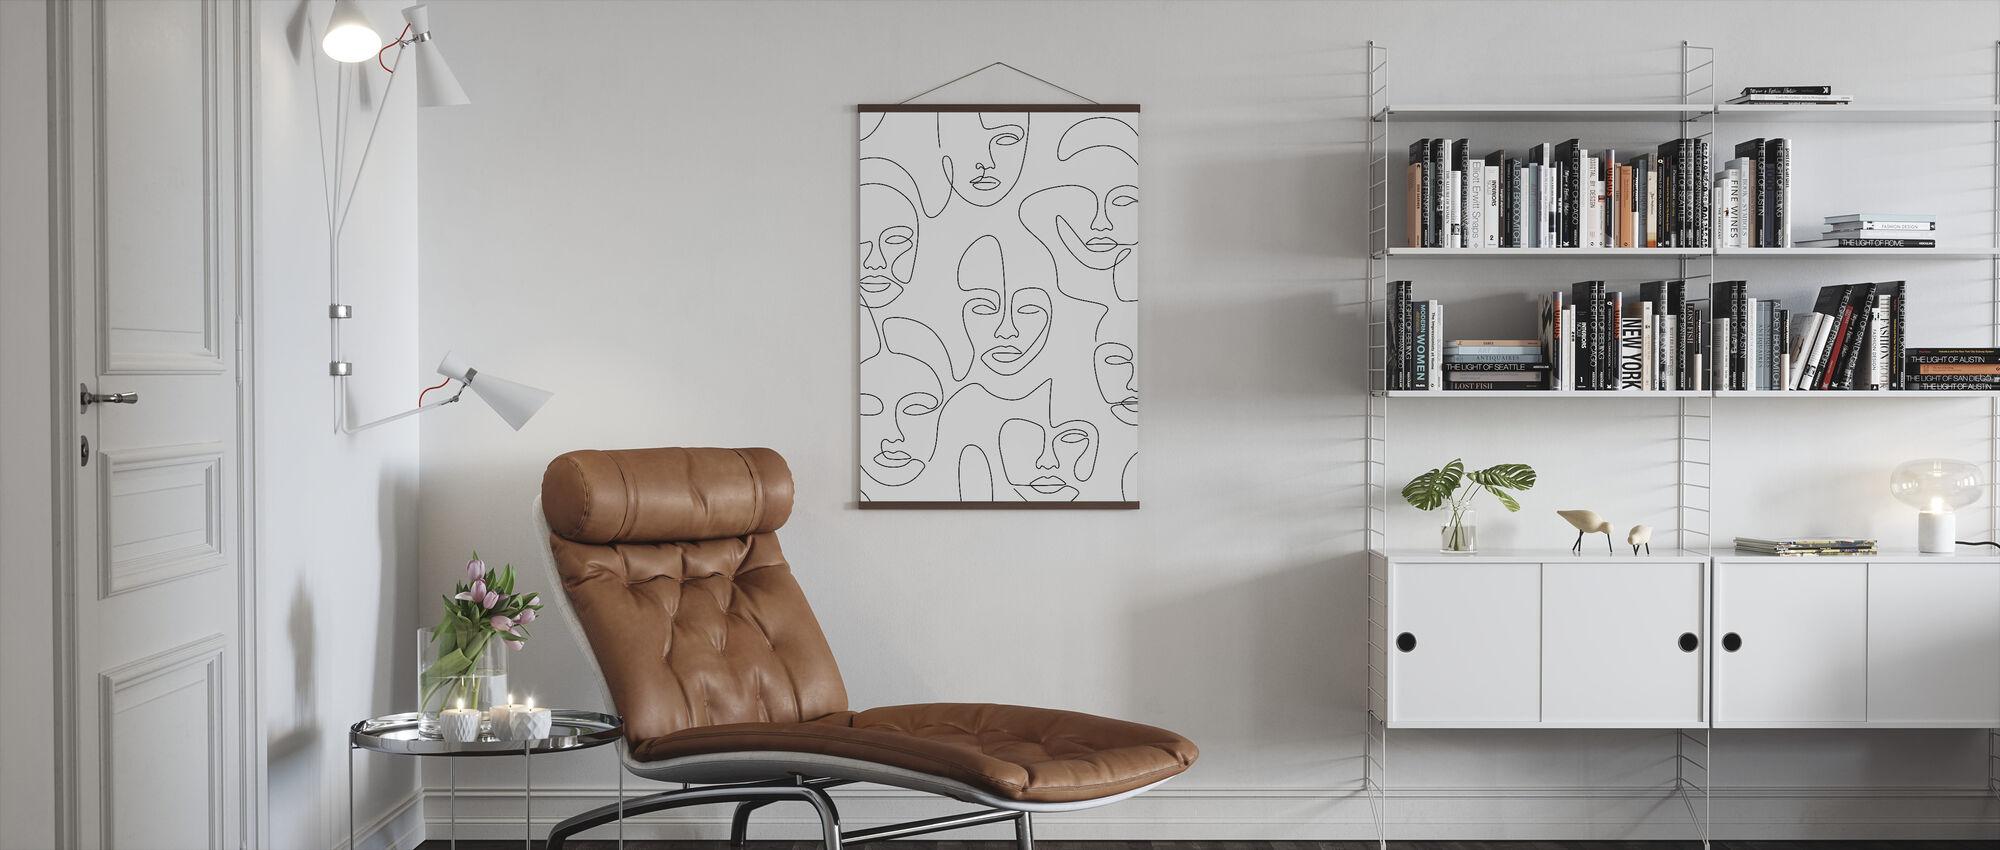 Skönhet Porträtt - Poster - Vardagsrum